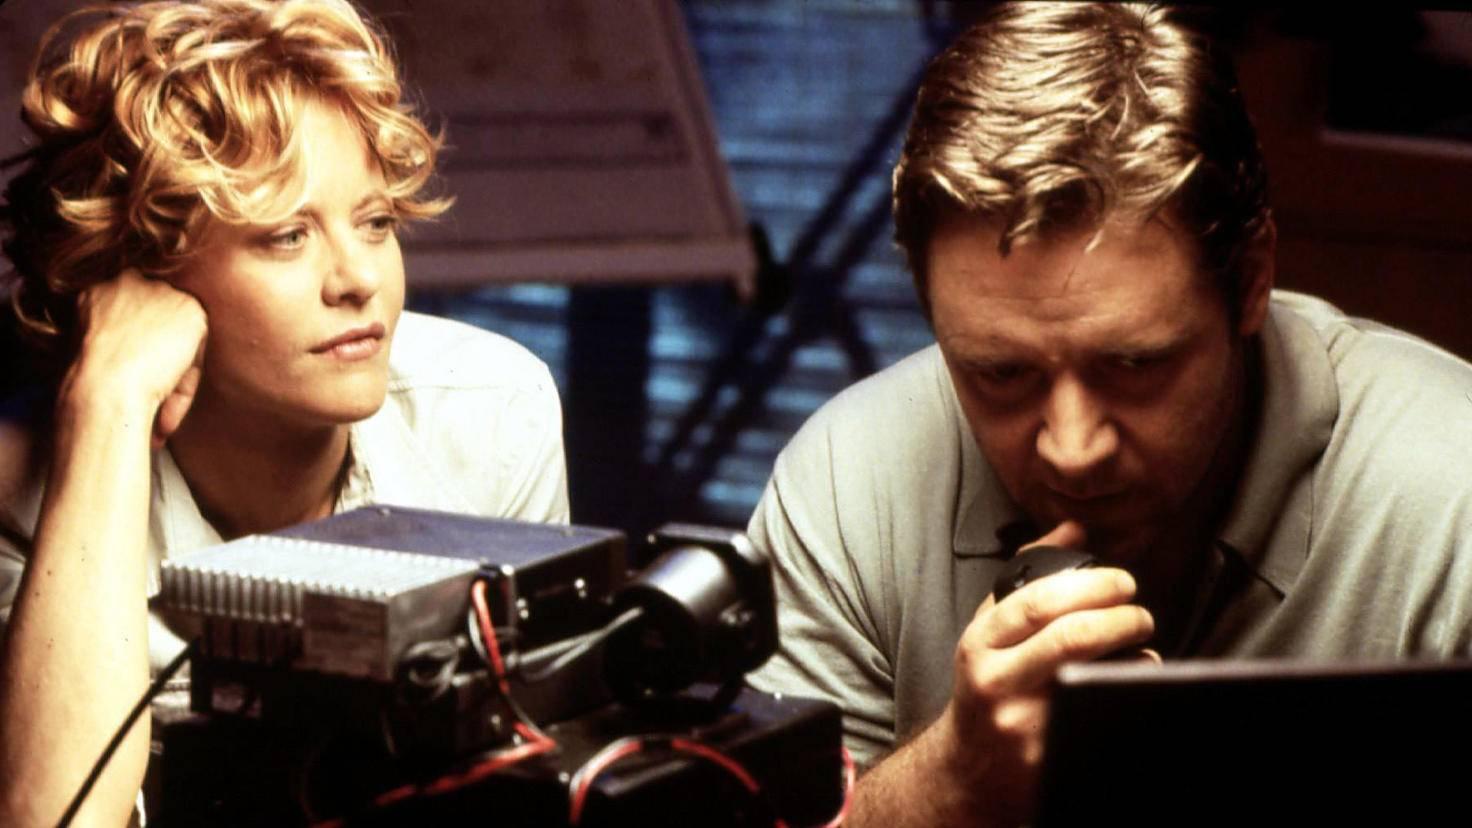 Das Techtelmechtel mit Russell Crowe kostete Meg Ryan ihre Karriere.